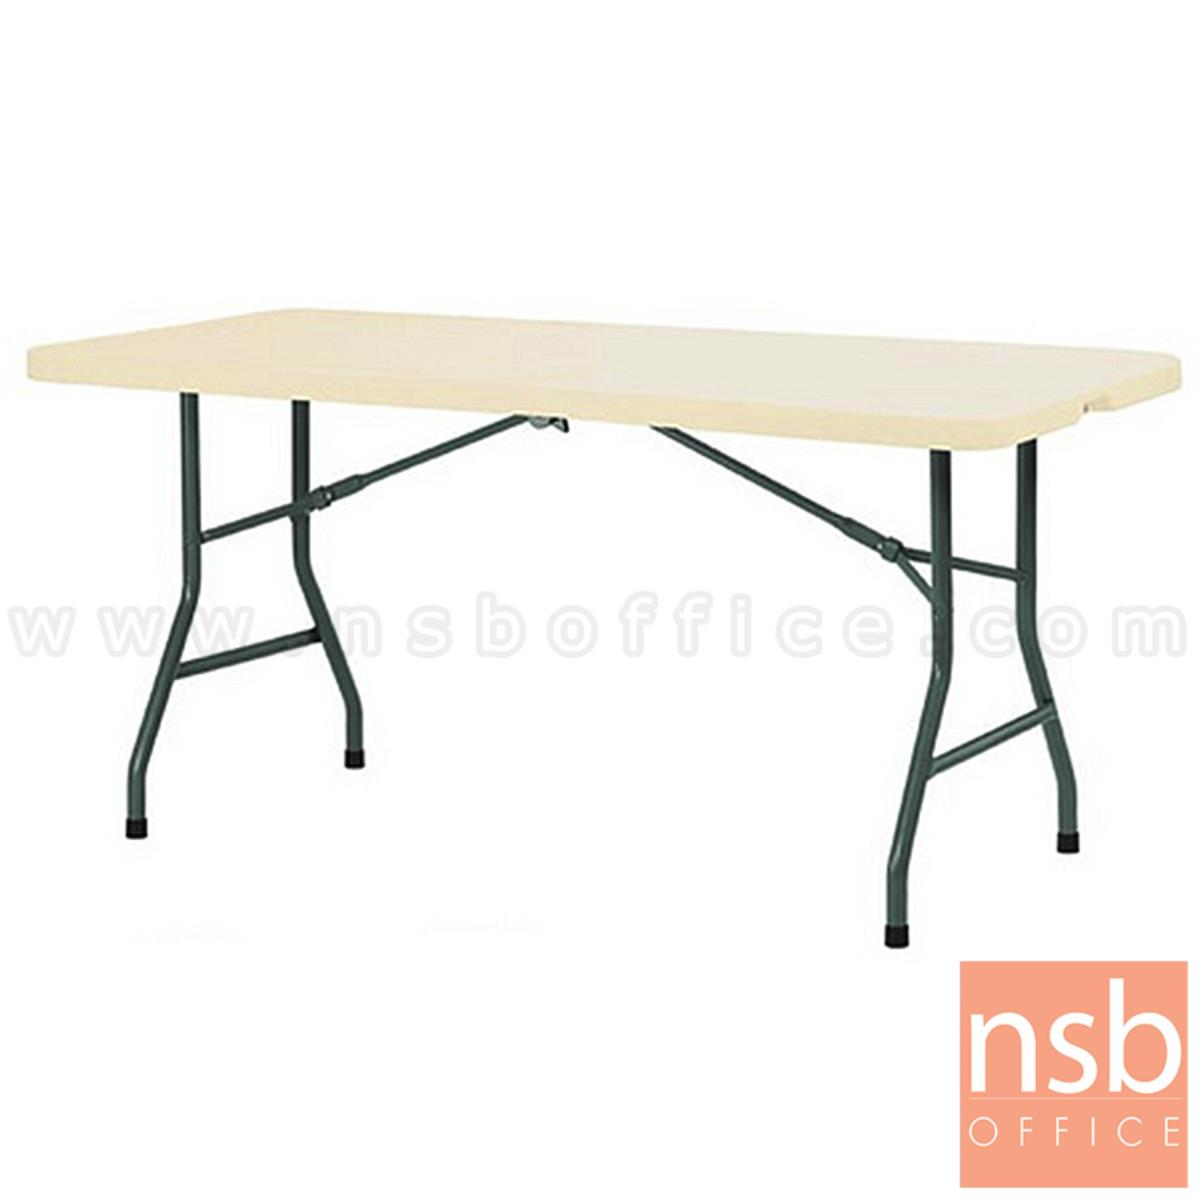 A19A038:โต๊ะพับหน้าพลาสติก รุ่น Newland (นิวแลนด์) ขนาด 152W ,182W cm.  โครงเหล็ก